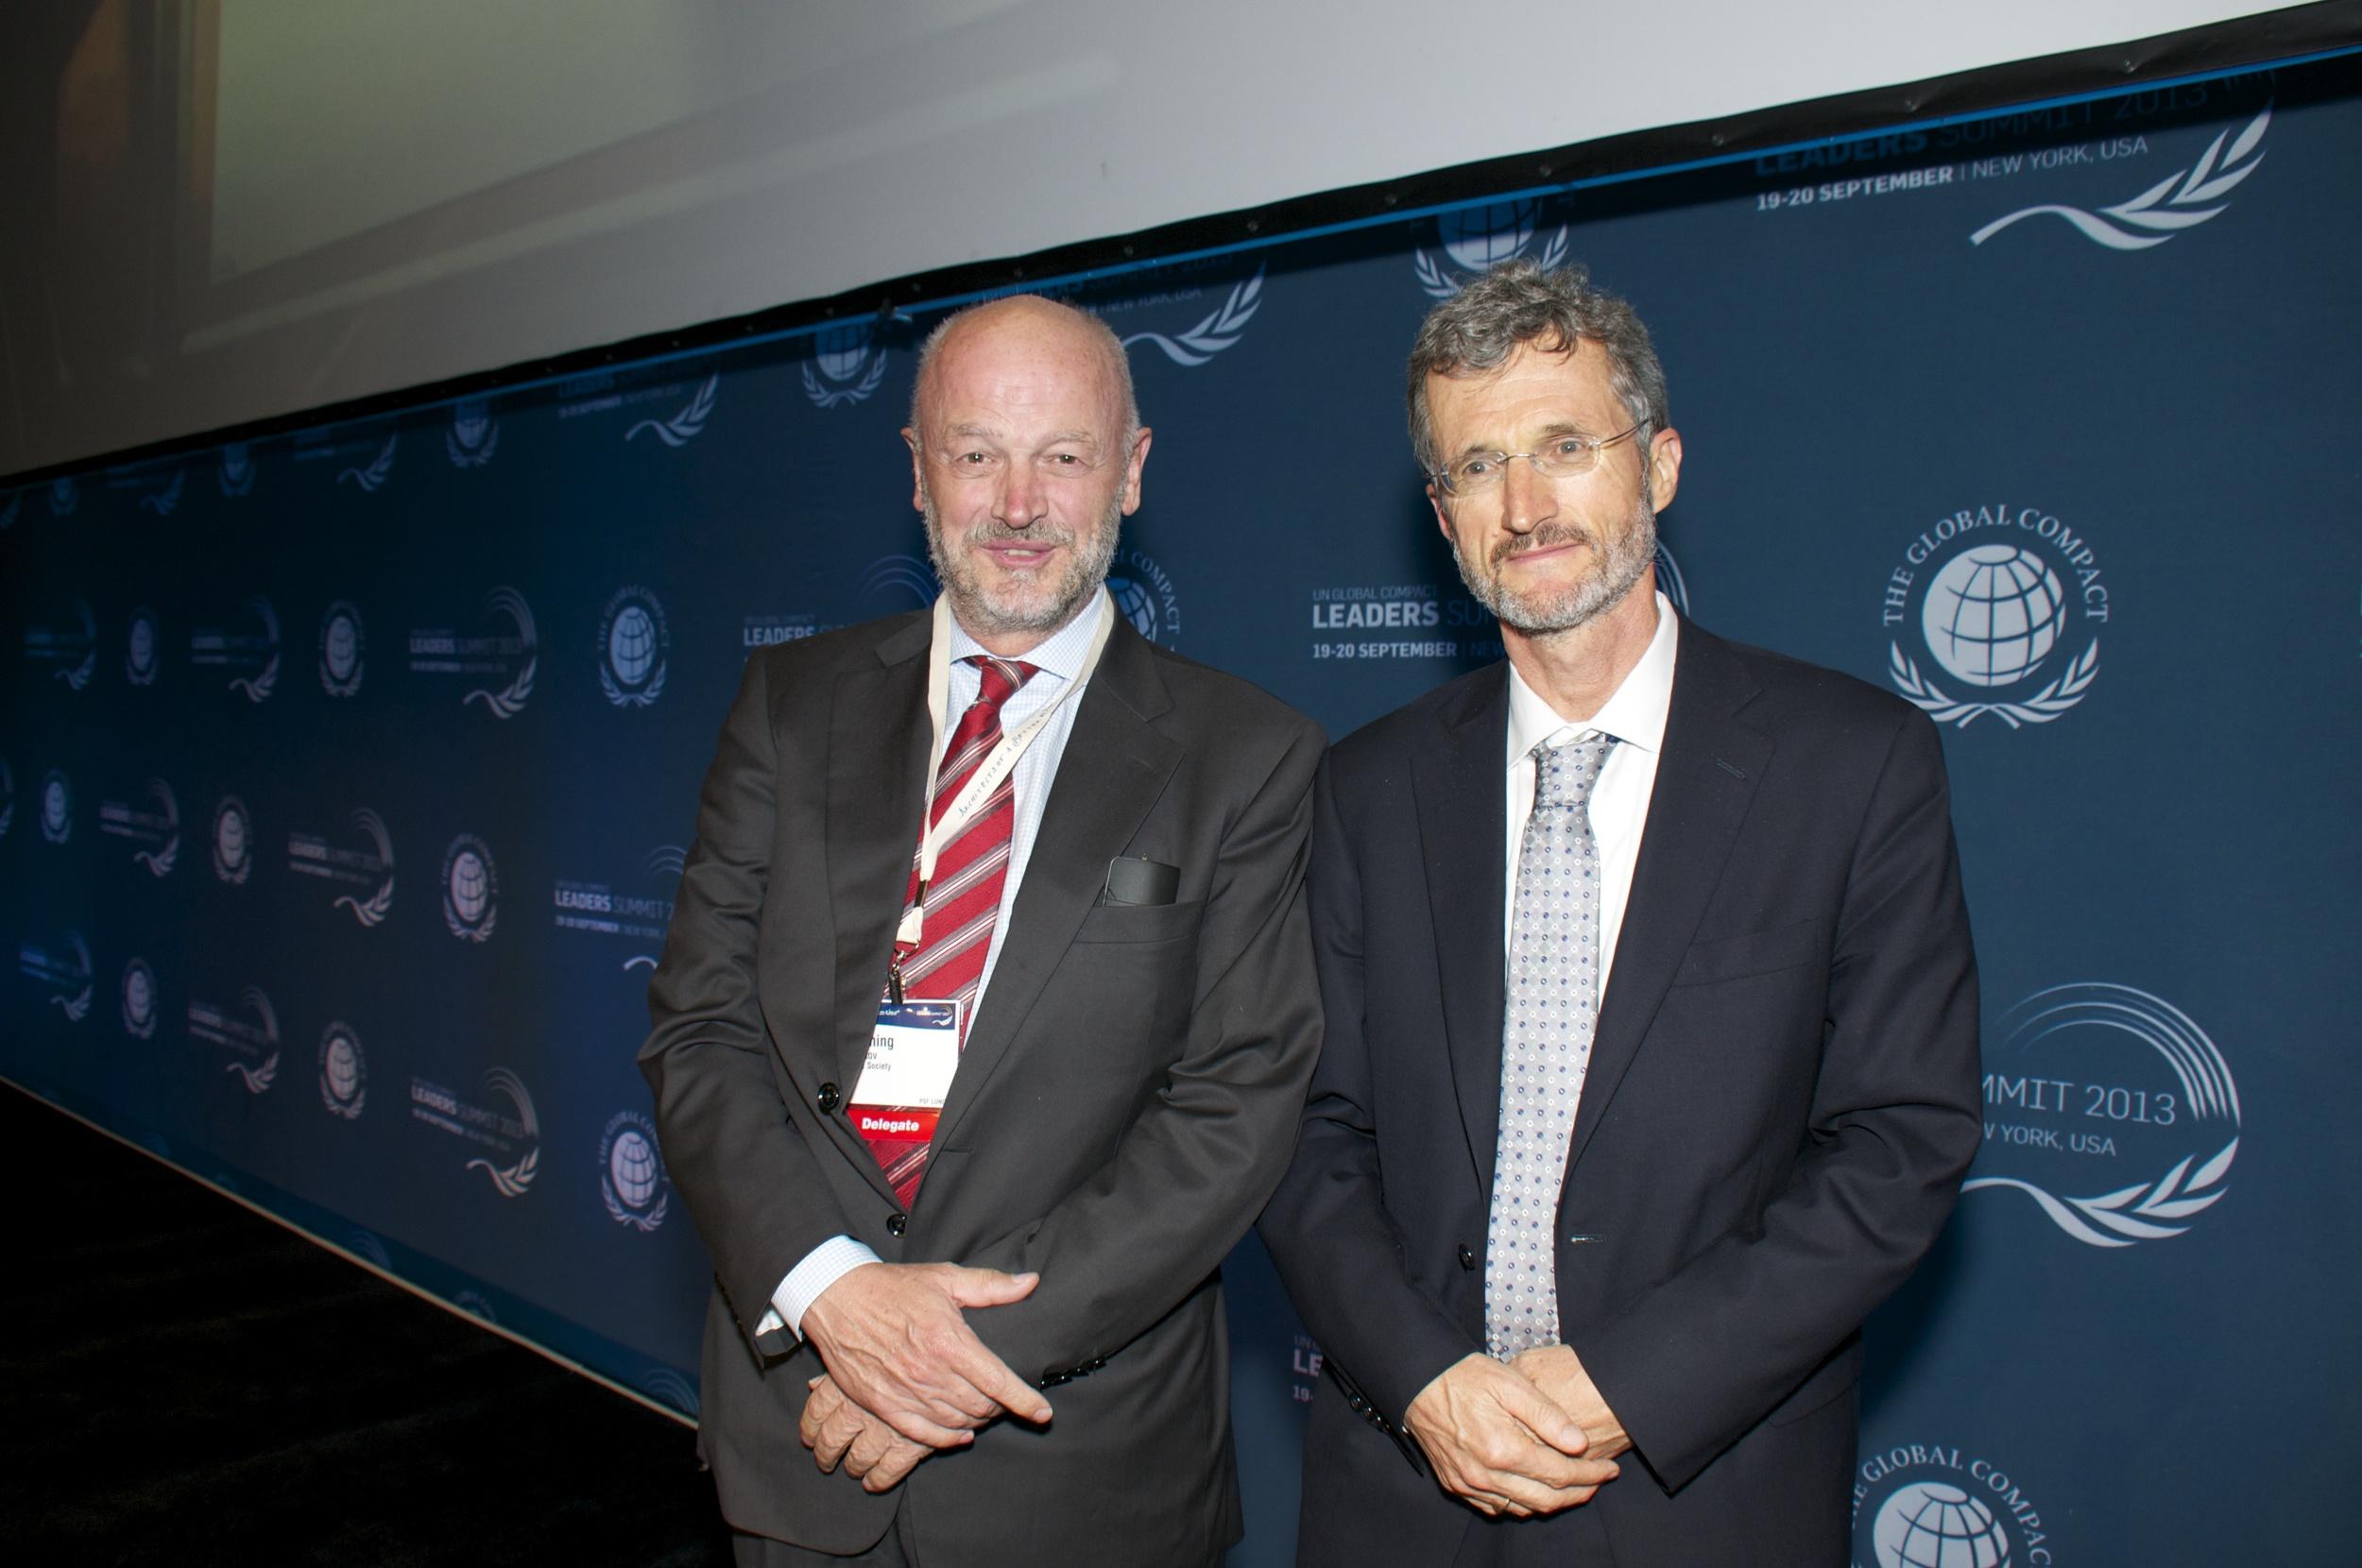 From left: Flemming Borreskov and Georg Kell  Foto: Irene Hell